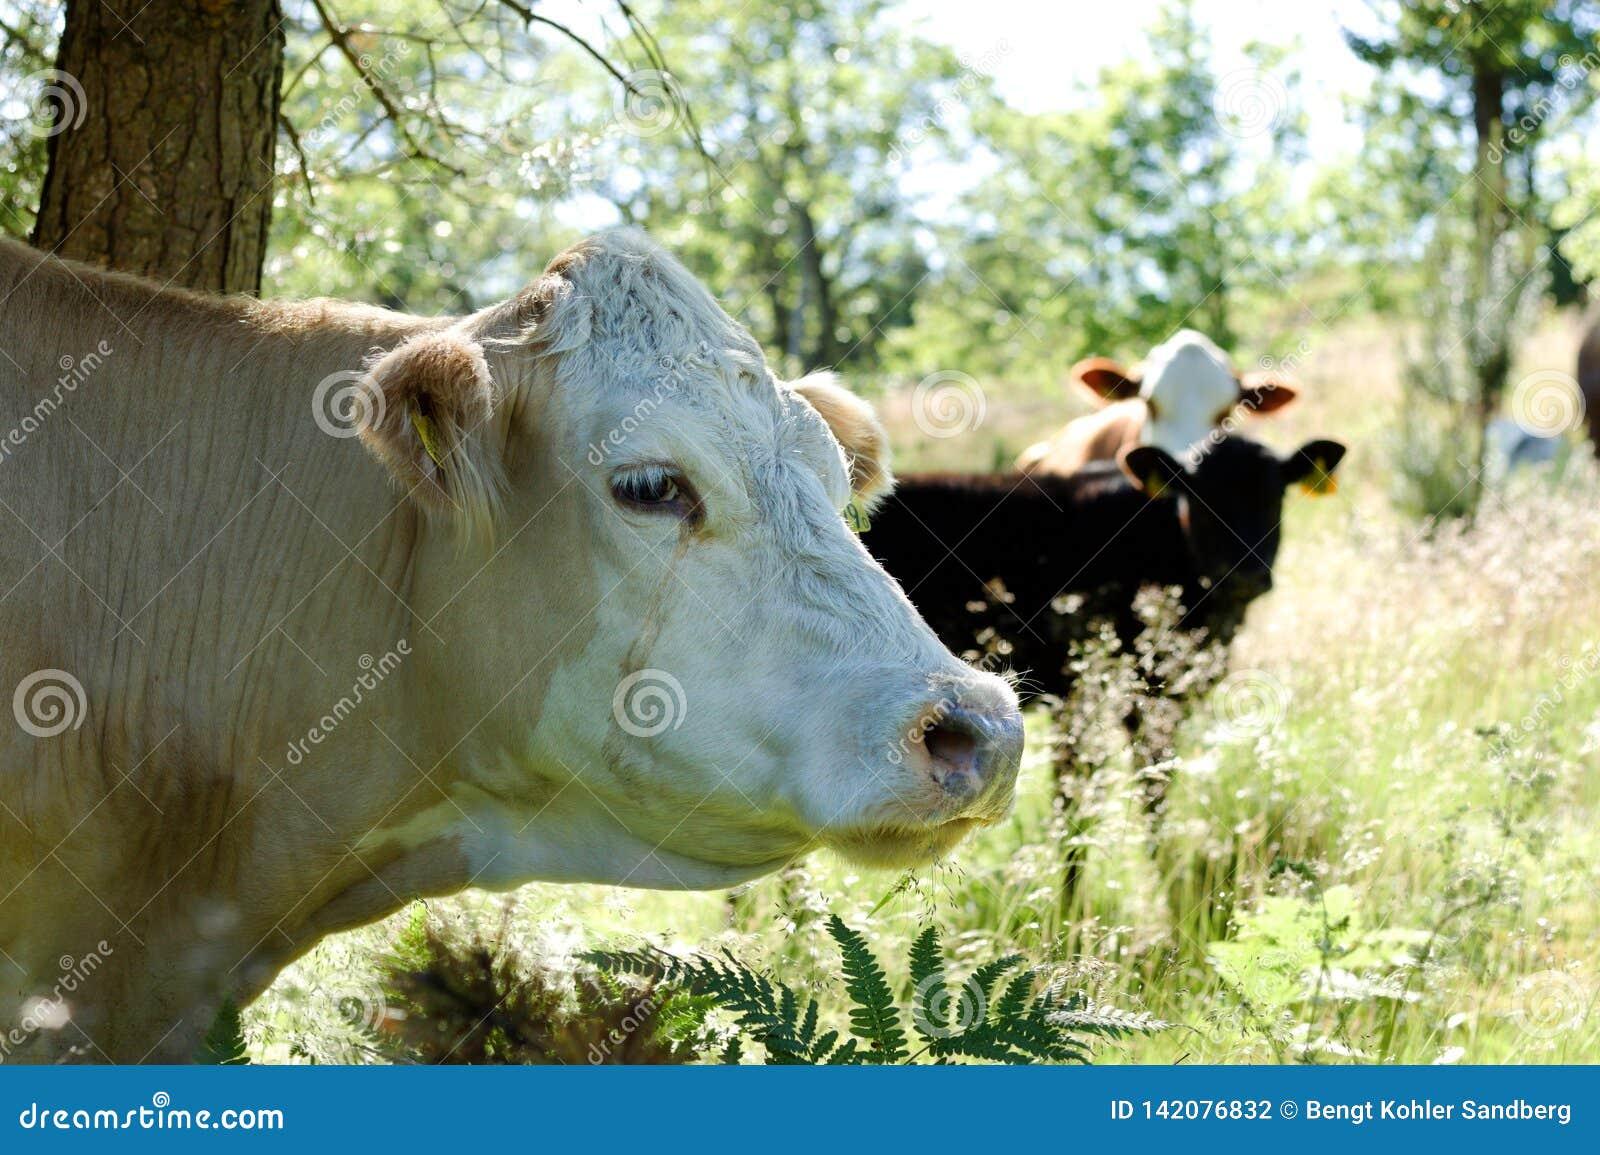 Αγελάδα που στέκεται κάτω από ένα δέντρο στην ψηλή χλόη